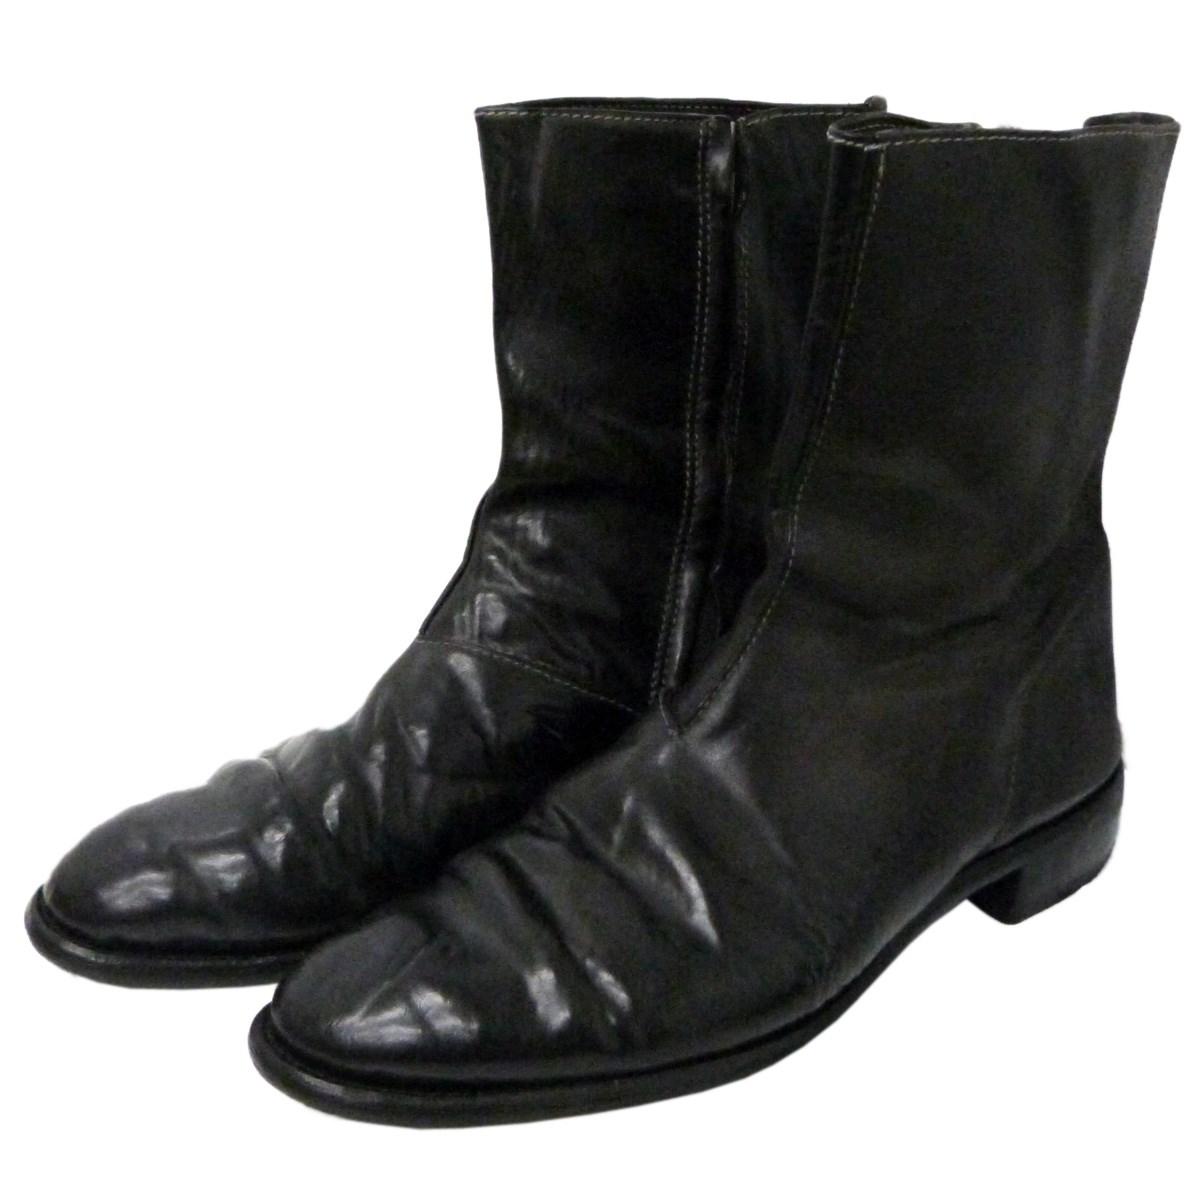 ブーツ, その他 CAROL CHRISTIAN POELL 8 150420